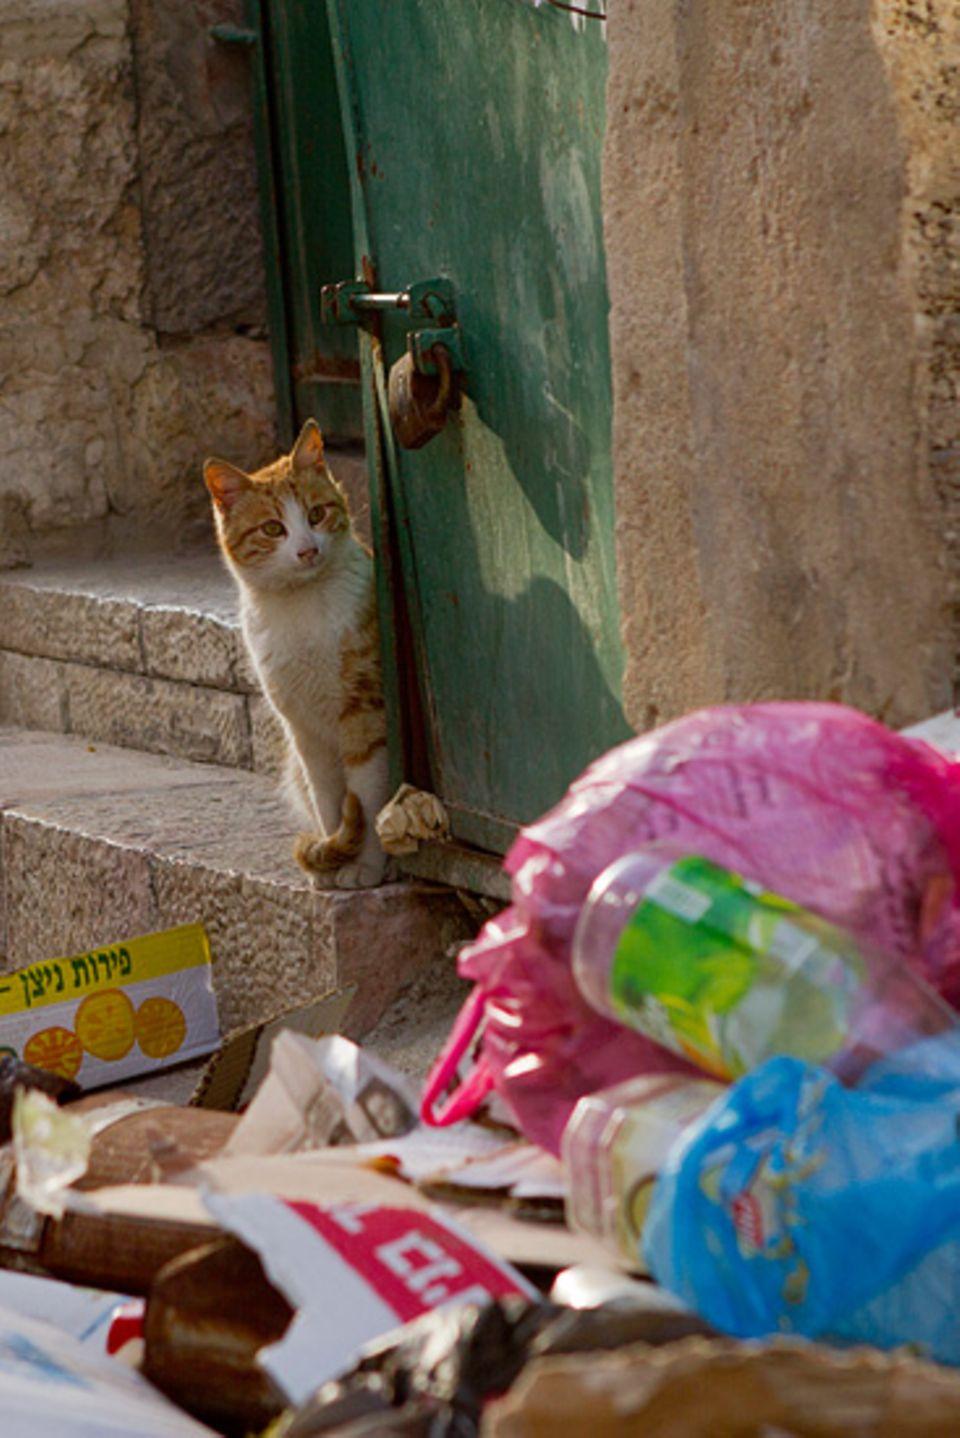 Zahlreiche Katzen durchwühlen den Müll in Jerusalems Altstadt, der meist offen auf der Straßen liegt. Mülltrennung gibt es hier keine